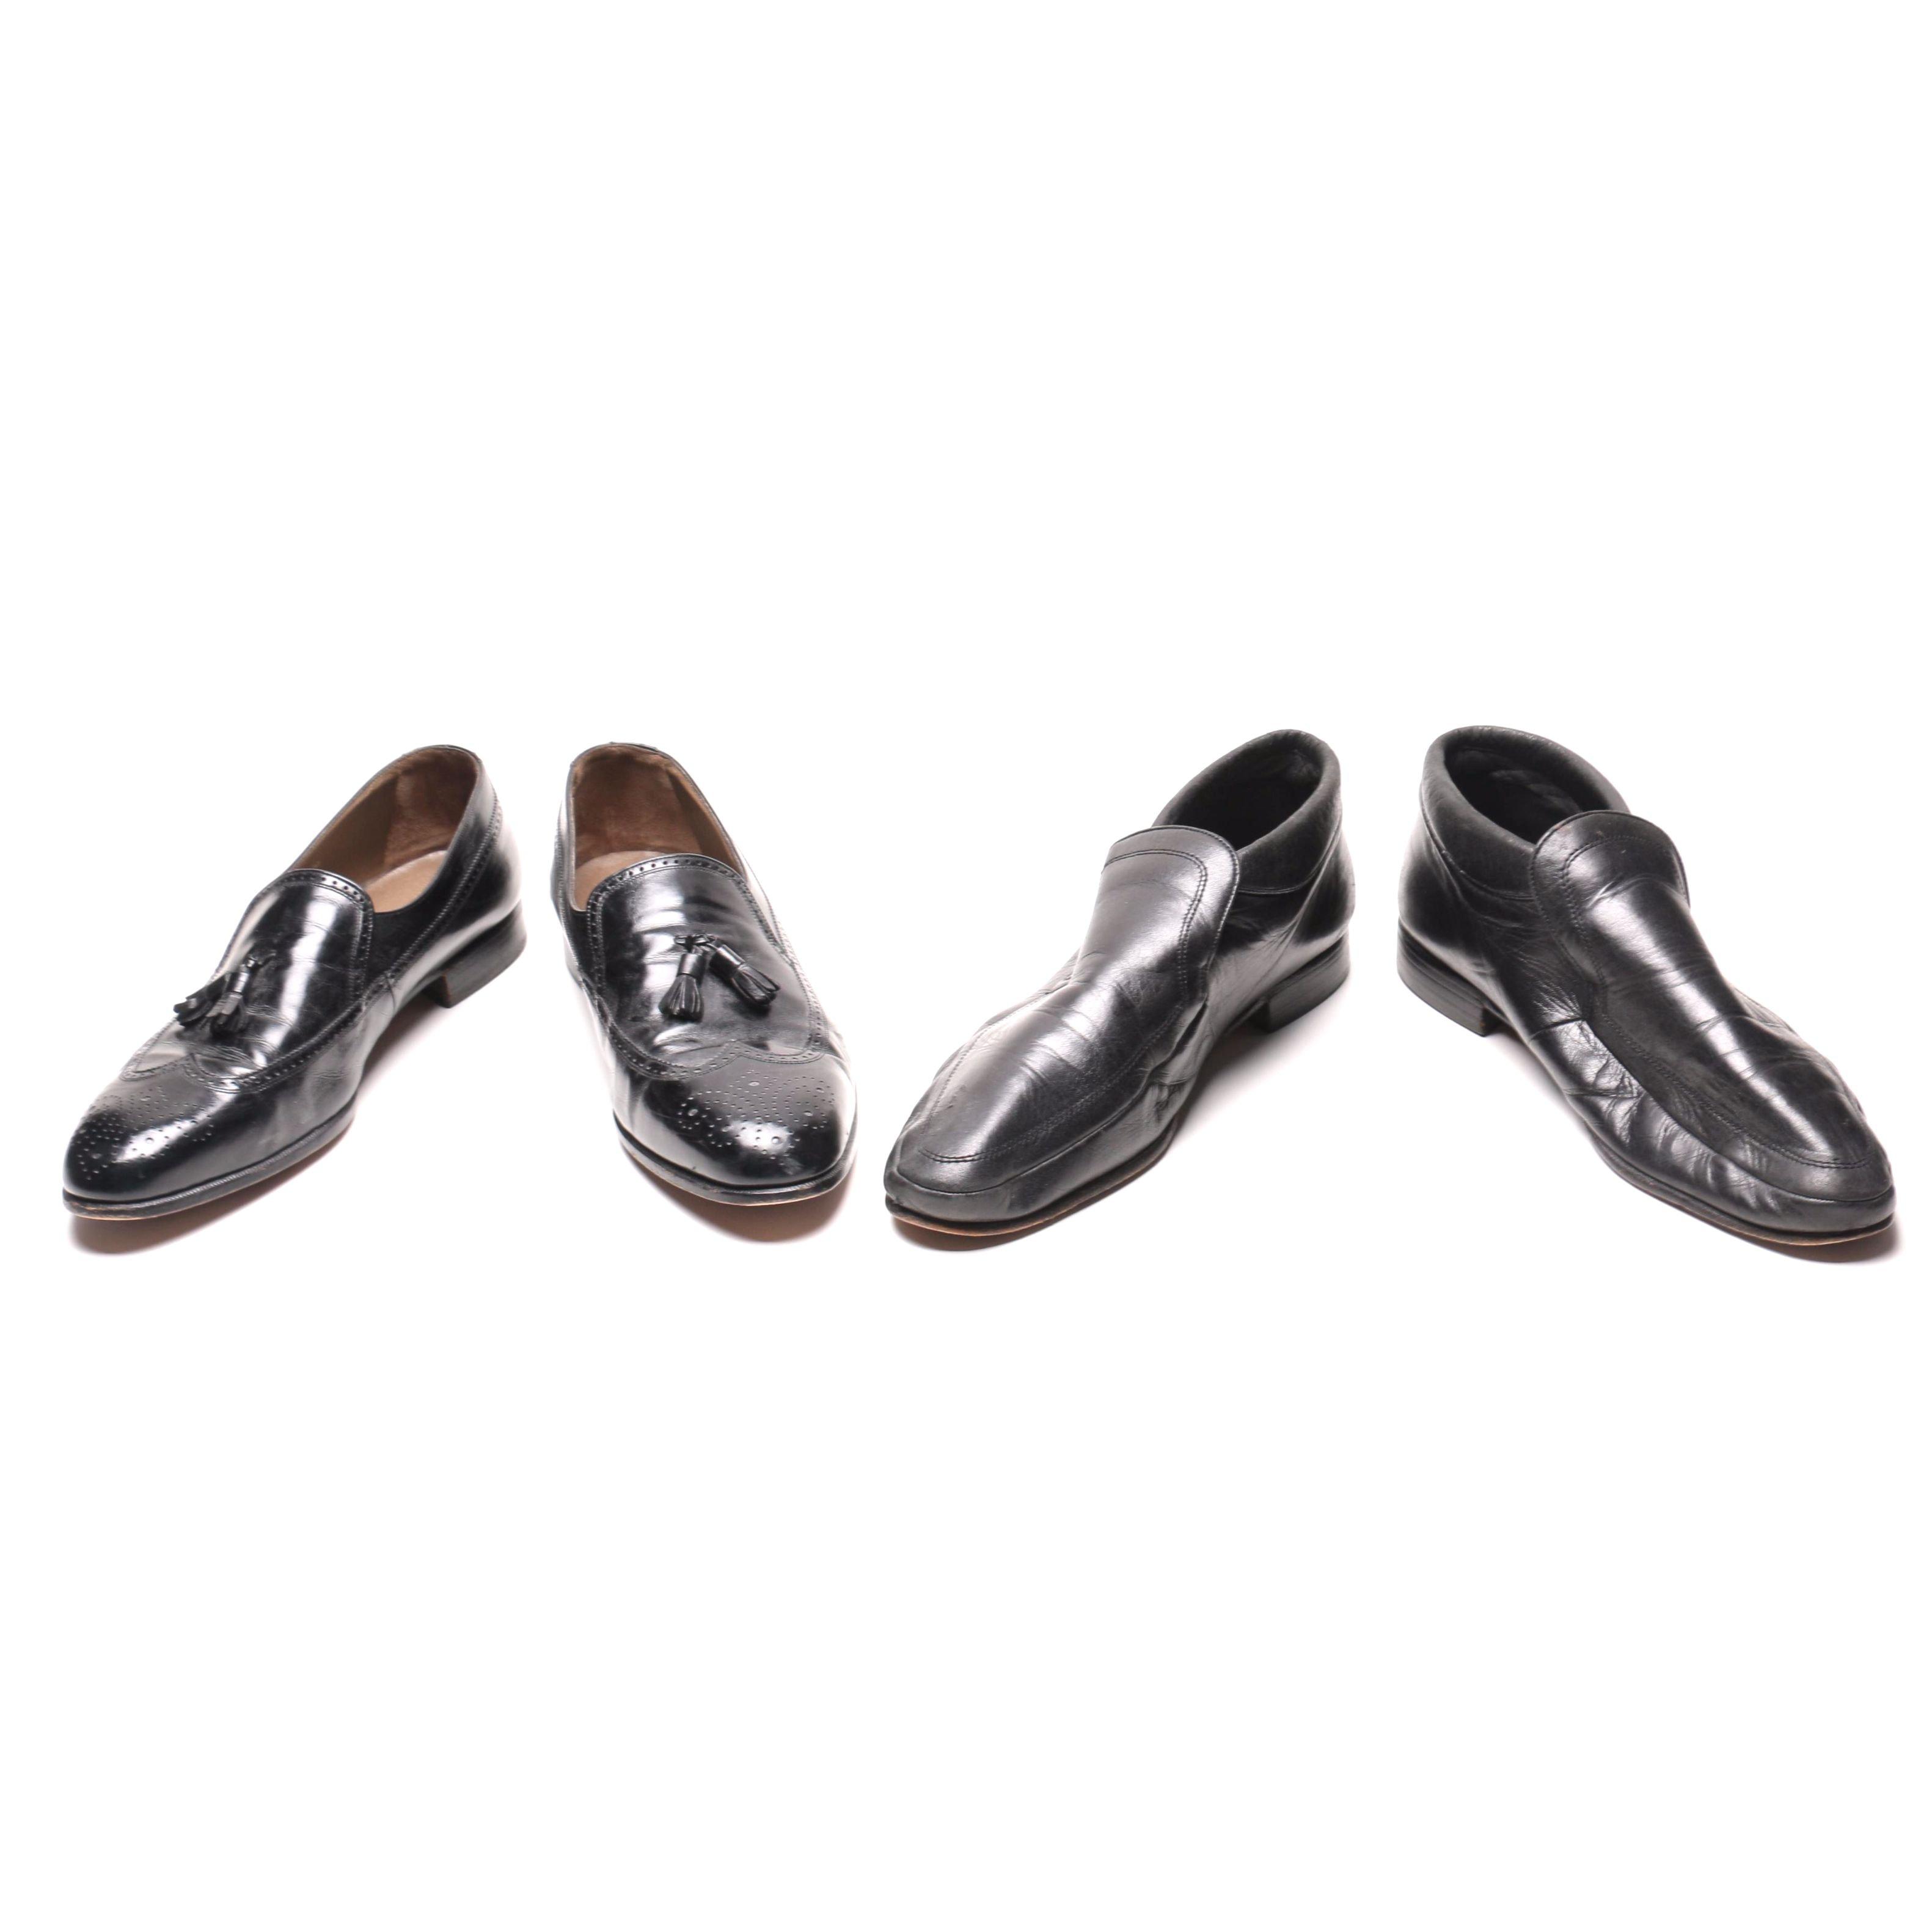 Bally Men's Dress Shoes